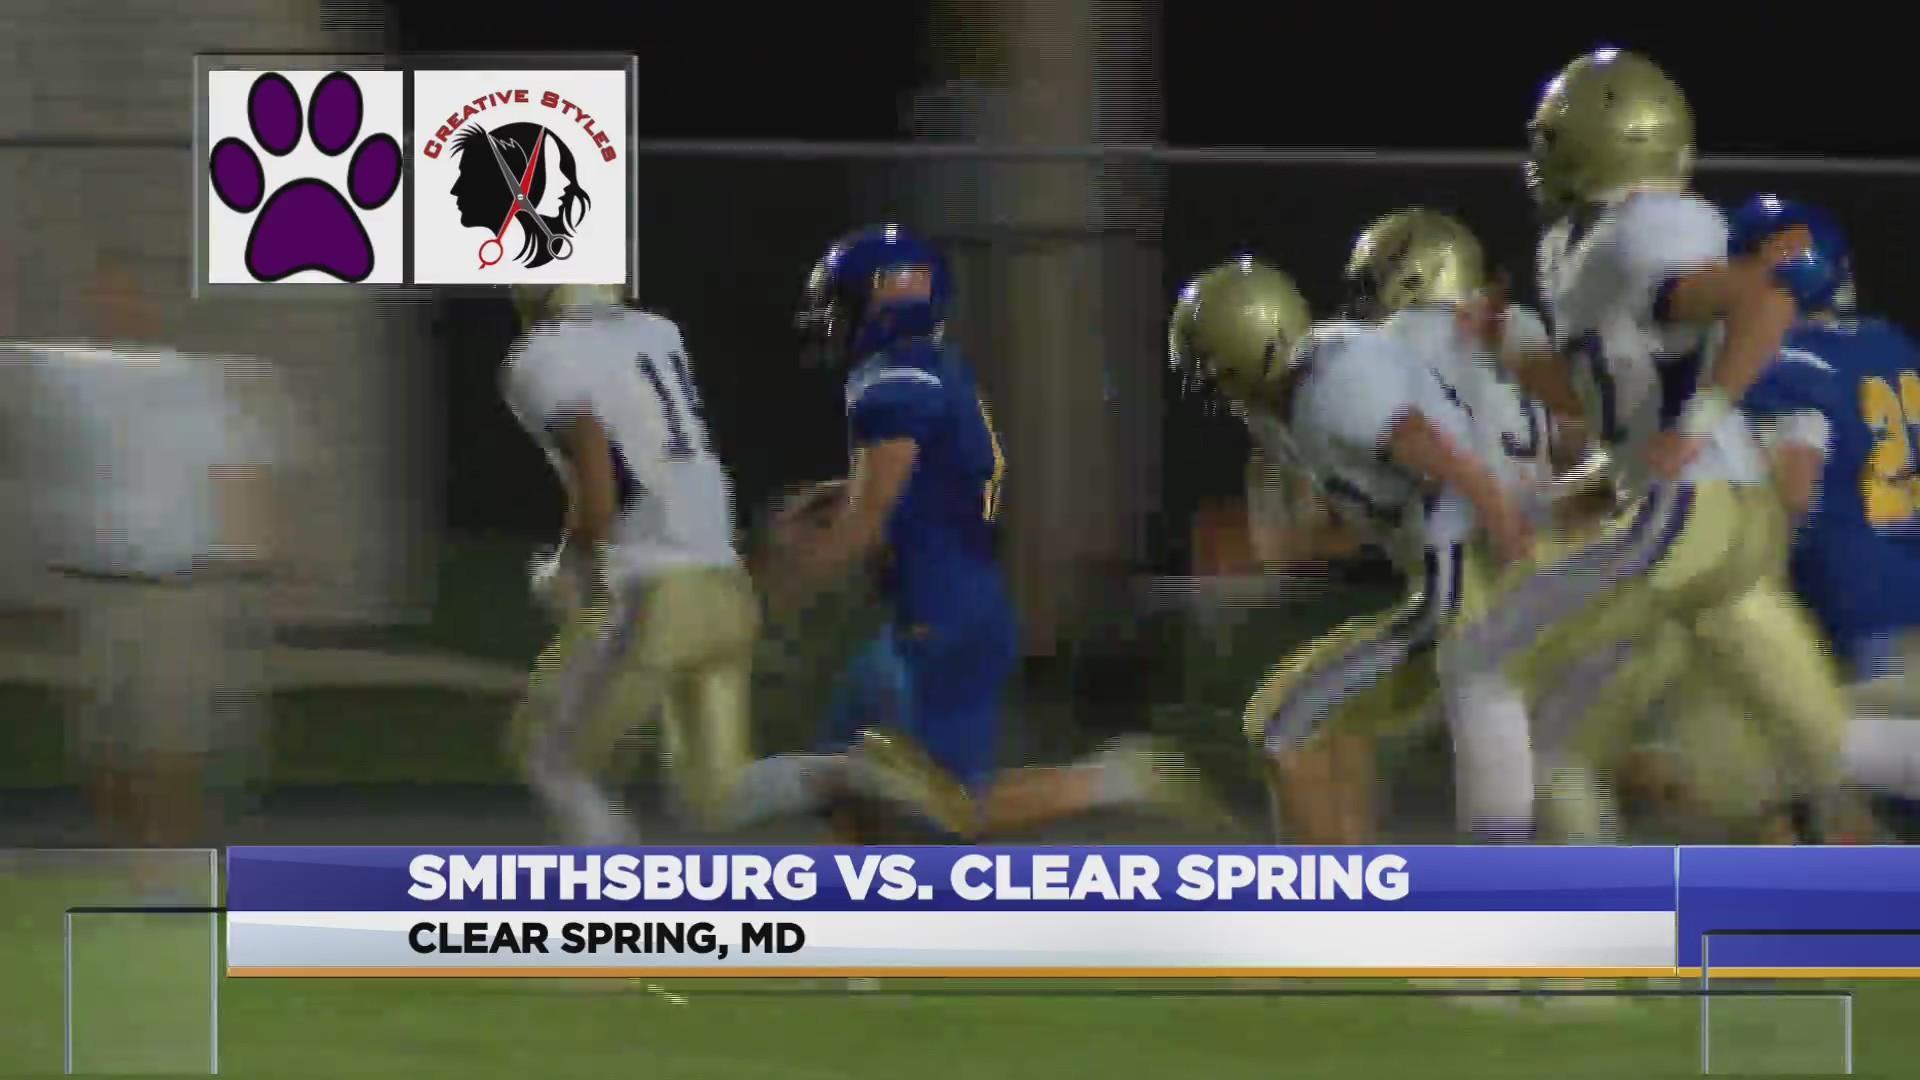 Smithsburg_vs_Clear_Spring_0_20181006035748